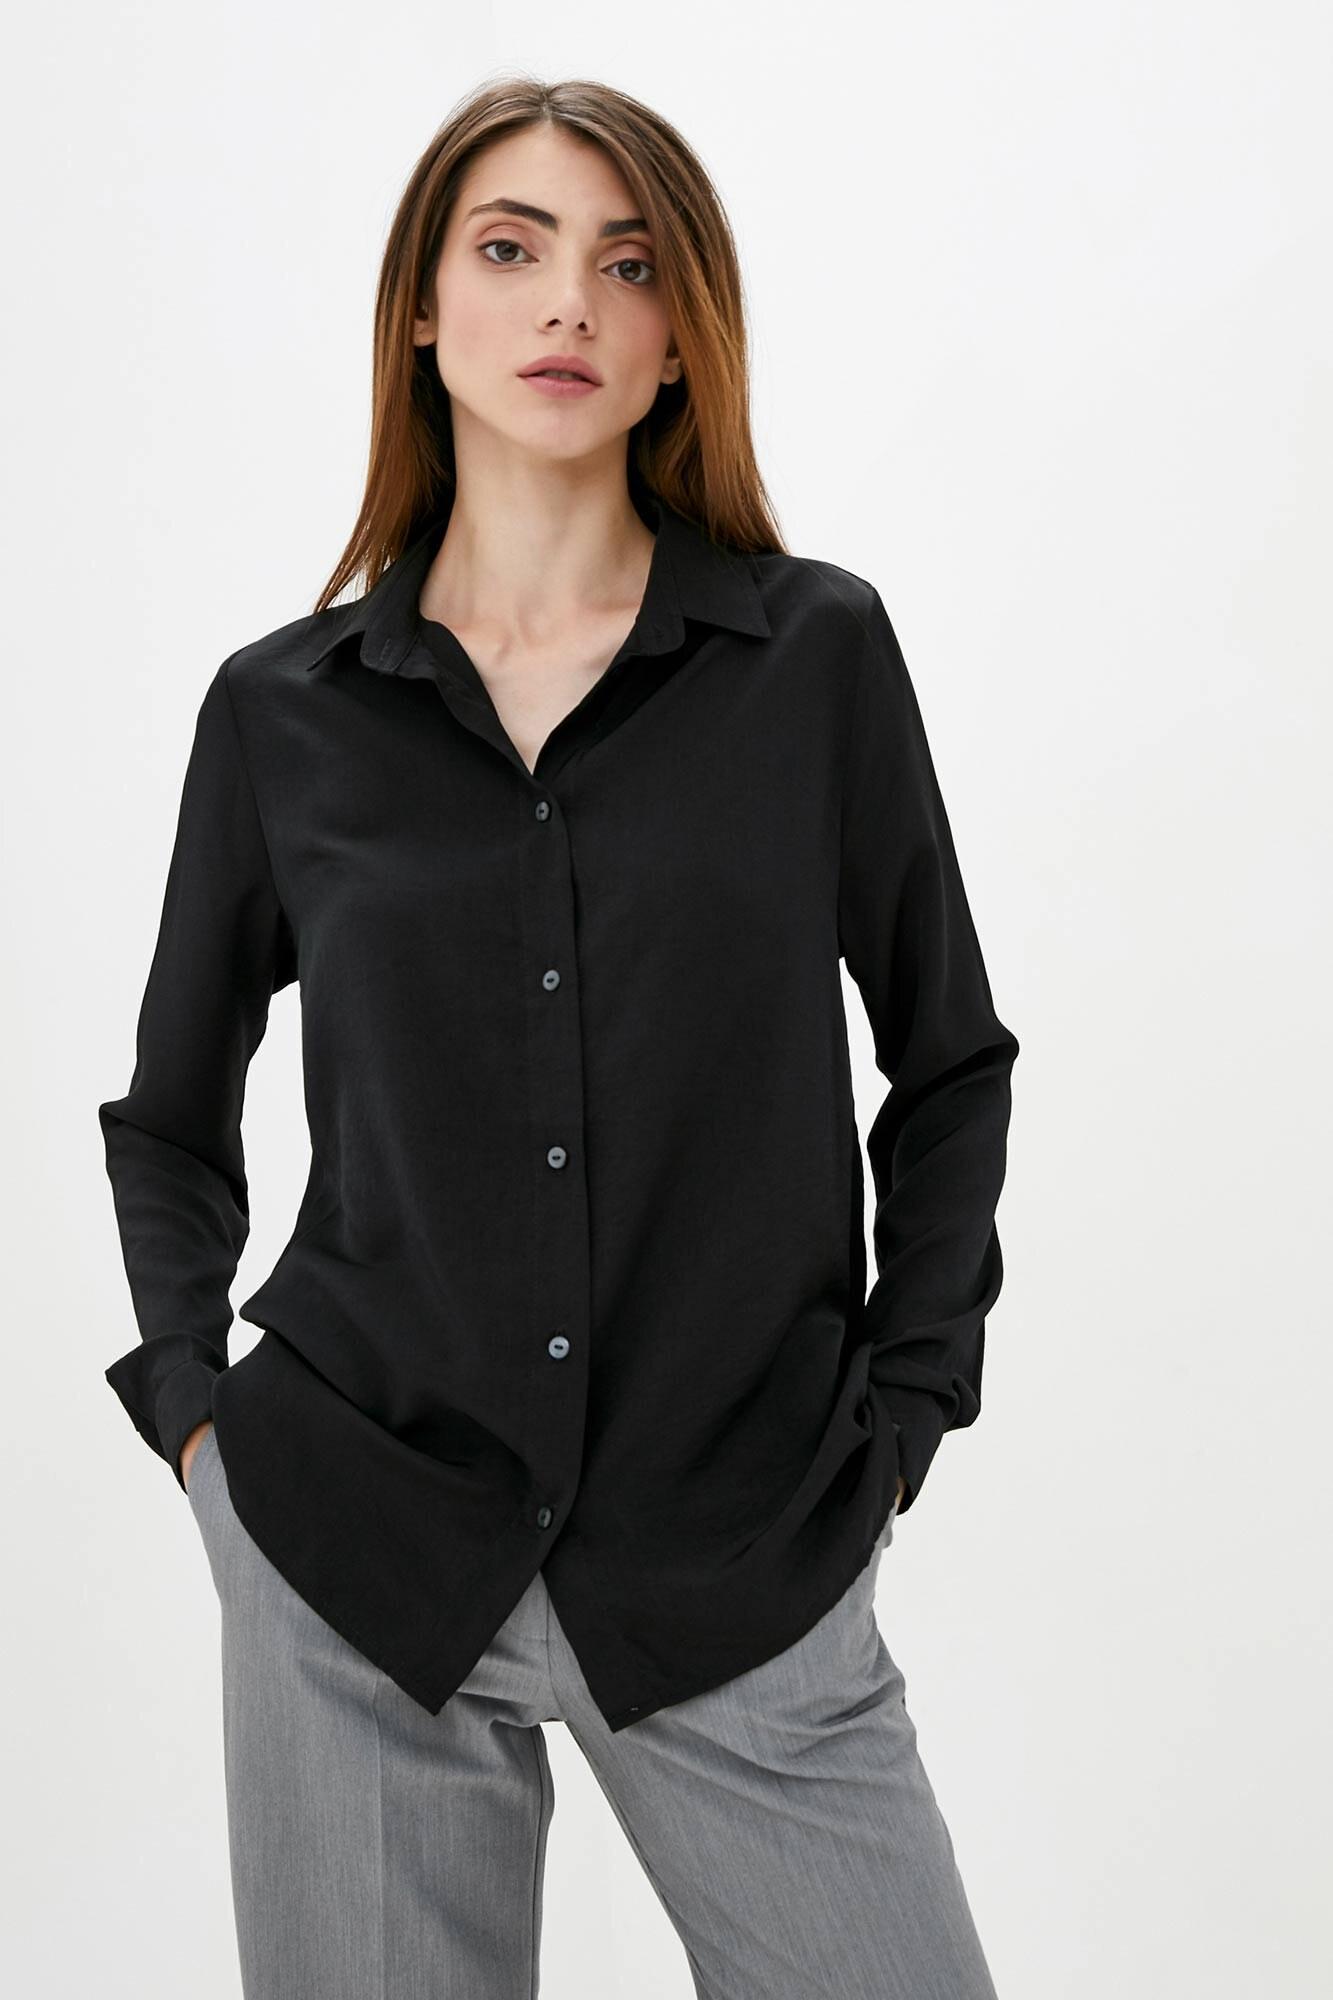 Тонкая оверсайз рубашка черного цвета с длинными рукавами